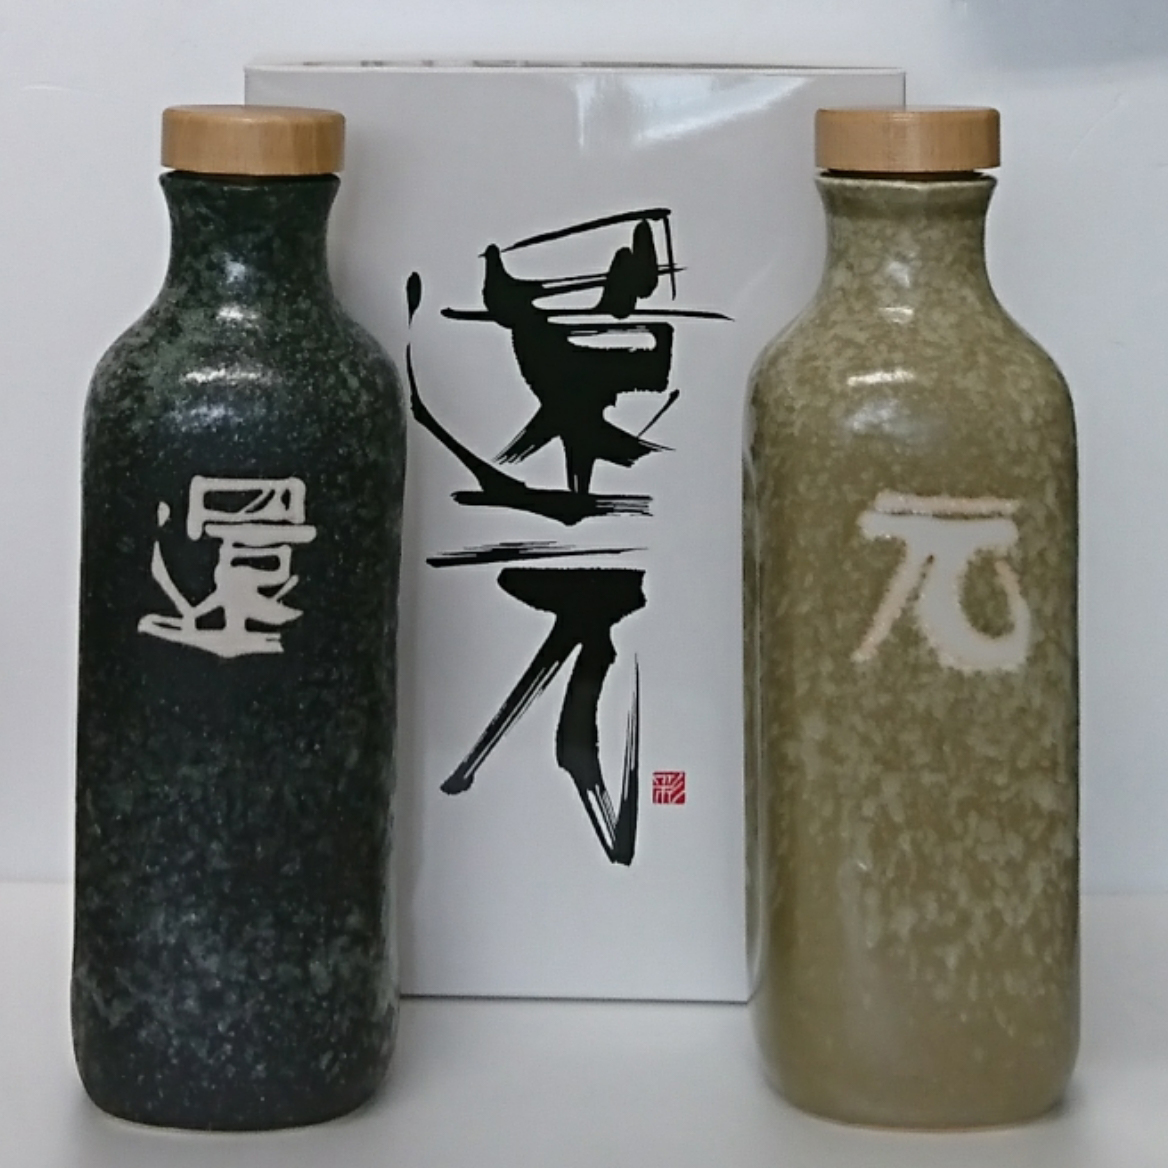 ボトルにお茶を入れるだけで簡単に還元水素茶製造 緑茶 水素 水素水 特別セール品 抗酸化 活性酸素 オジカインダストリ 信用 還元くん4 Industry正規代理店 3ヶ月以内の破損はメーカー補償あり OJIKA 850ccボトル2本セット 低電位水素茶製造ボトル